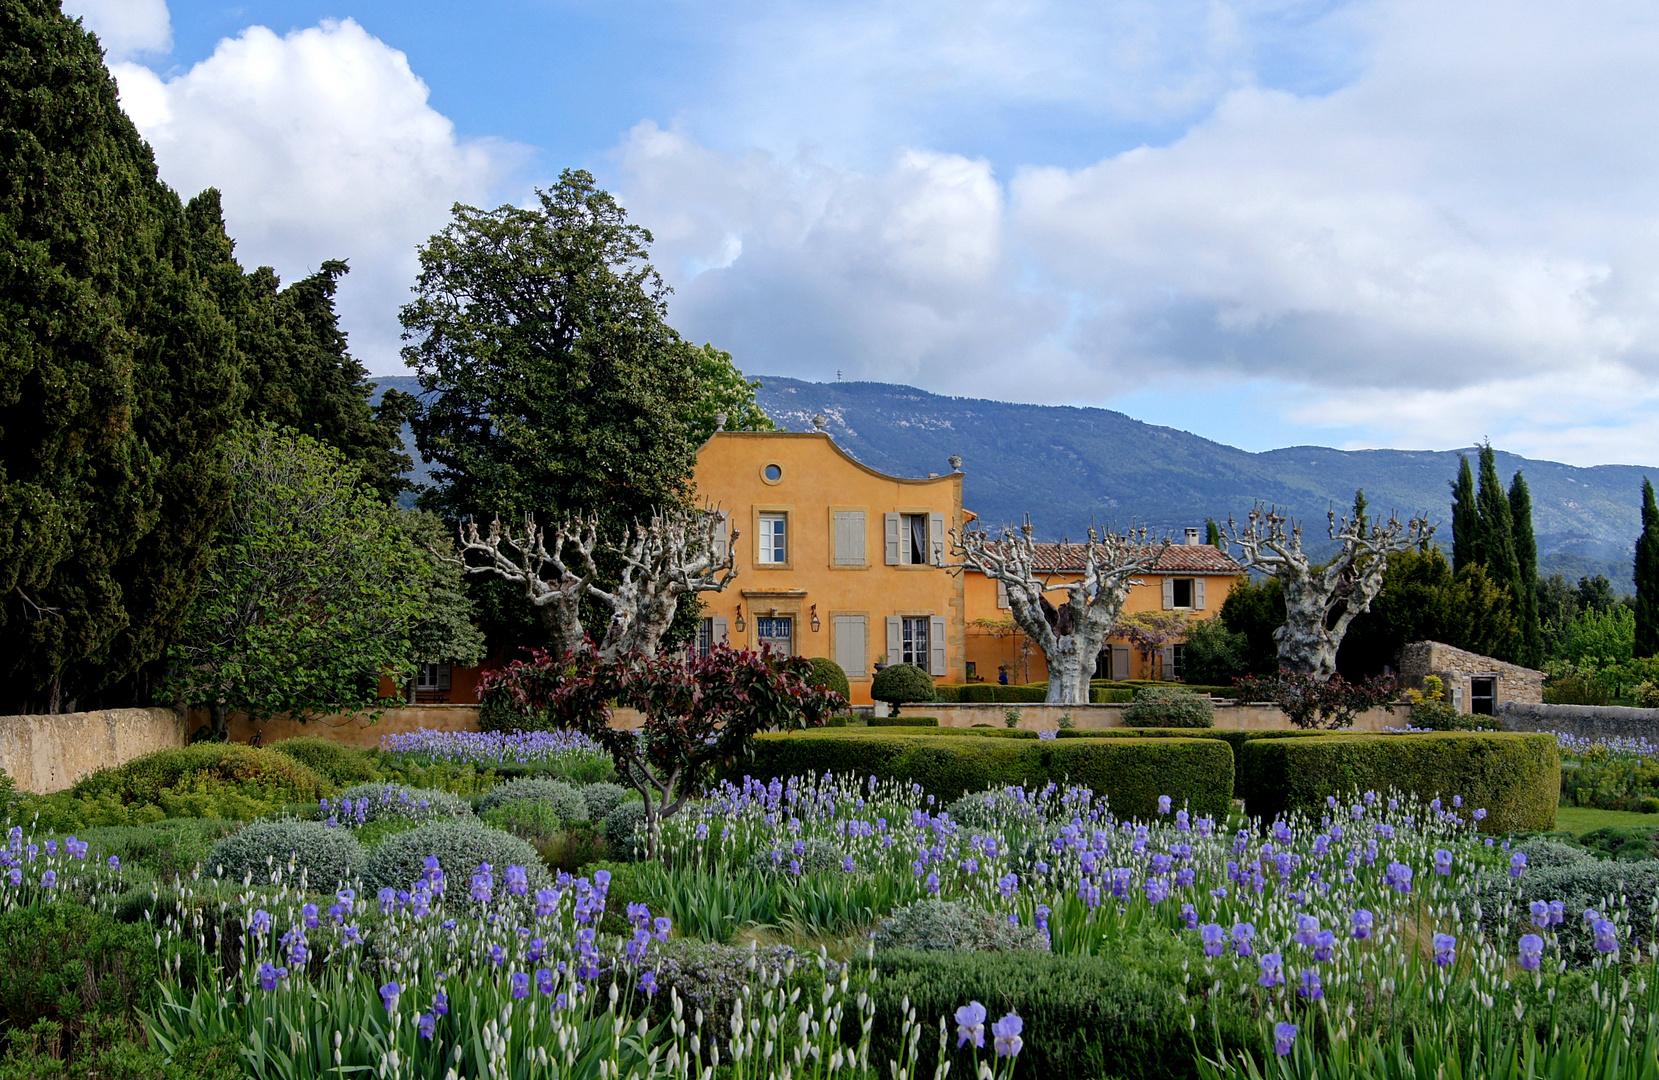 Traumgarten - Le jardin de mes rêves